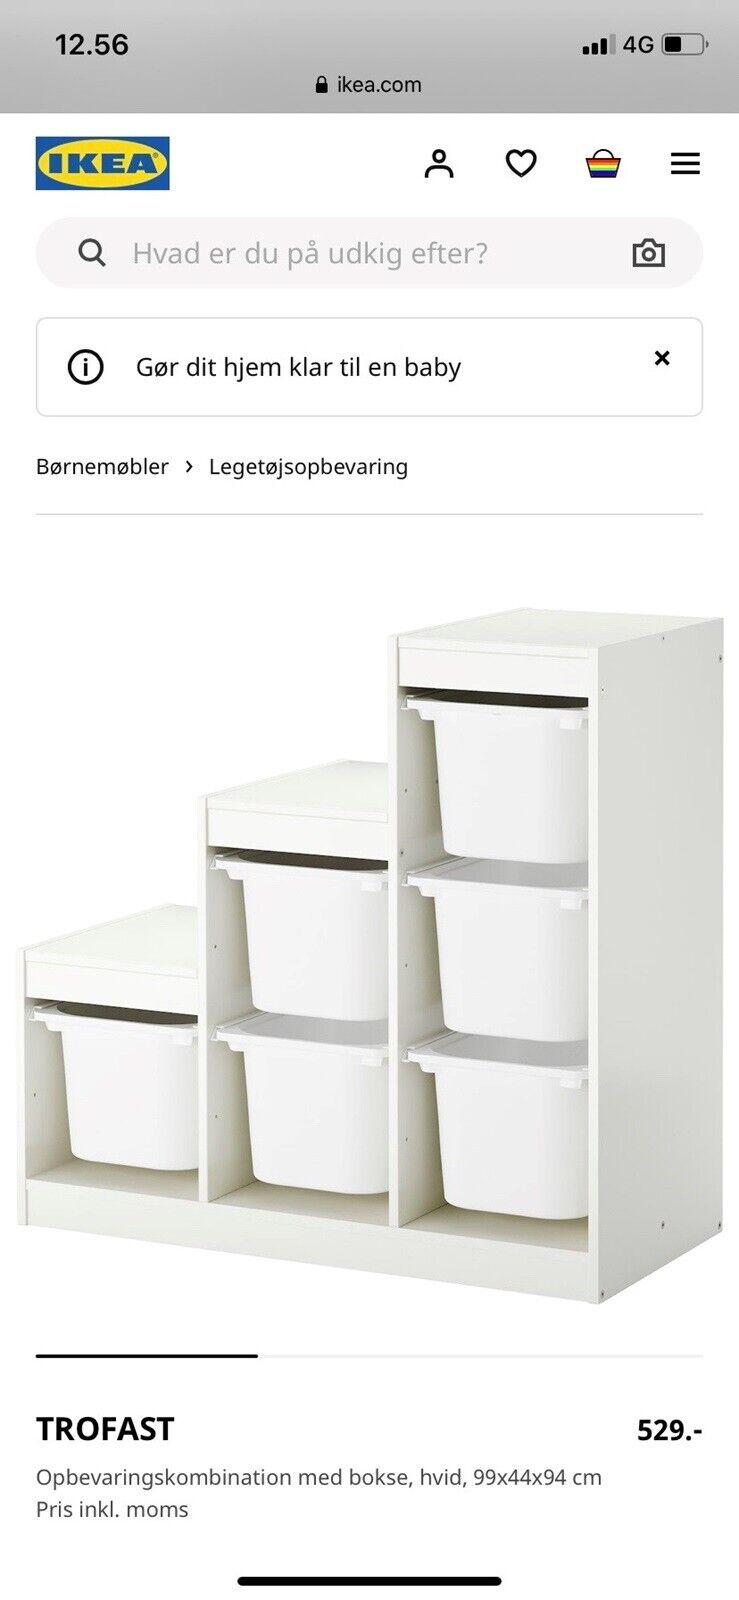 Opbevaring Ikea Dba Dk Kob Og Salg Af Nyt Og Brugt